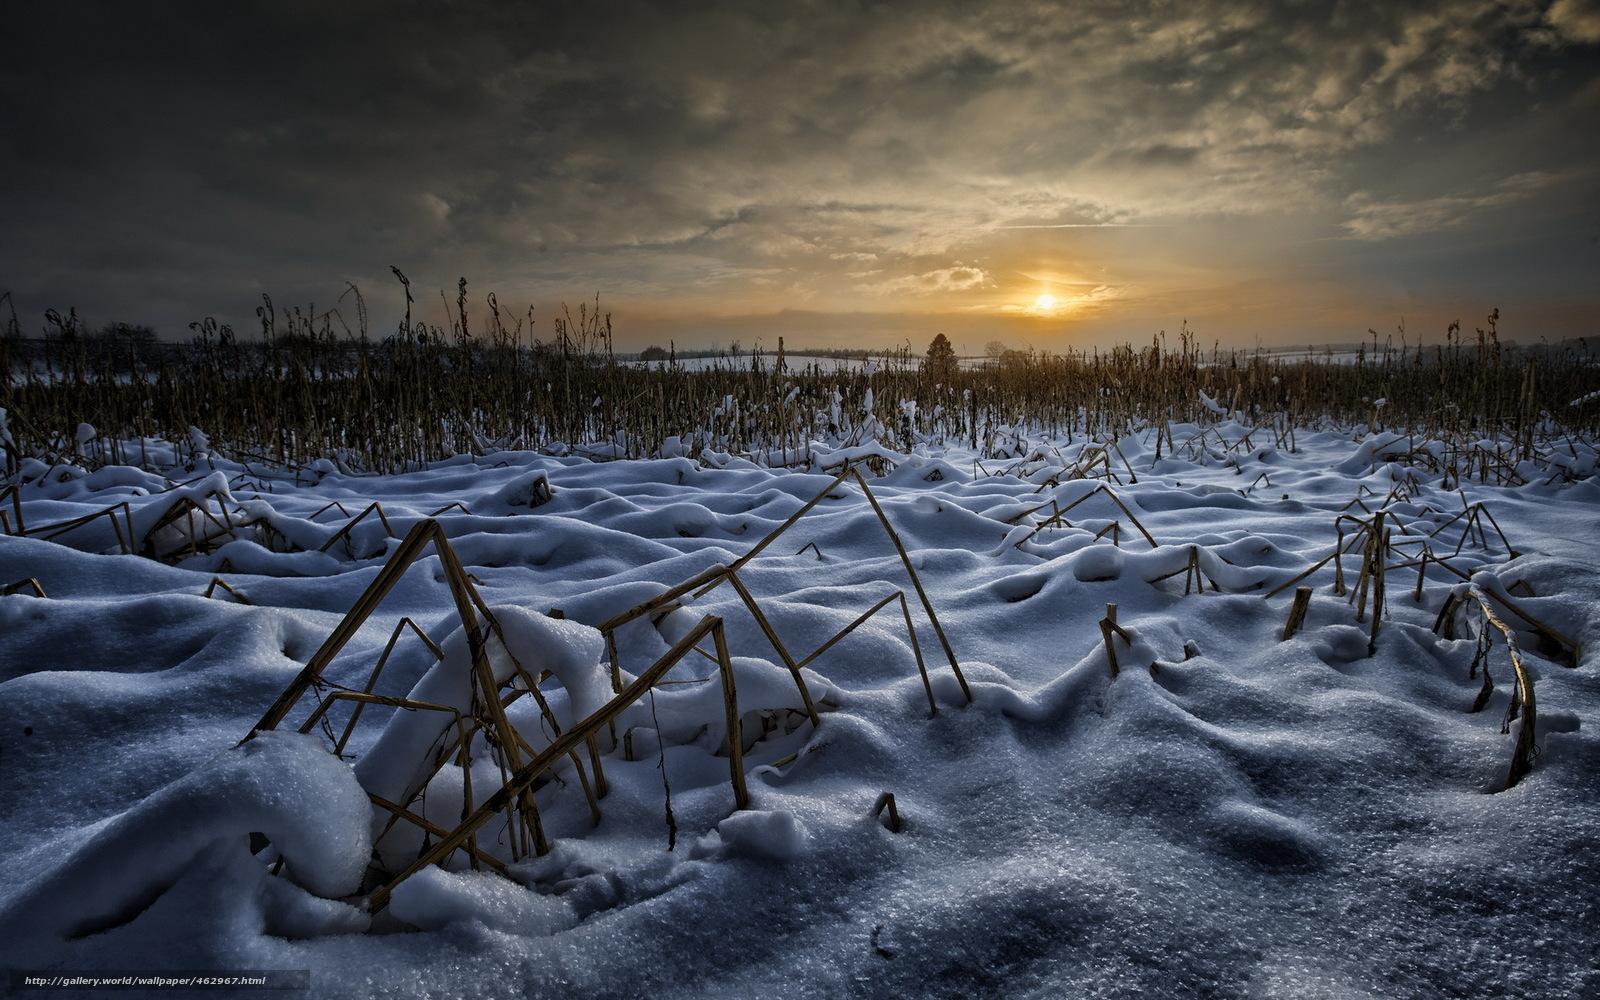 Tlcharger Fond d'ecran champ,  hiver,  nuit Fonds d'ecran gratuits pour votre rsolution du bureau 1920x1200 — image №462967